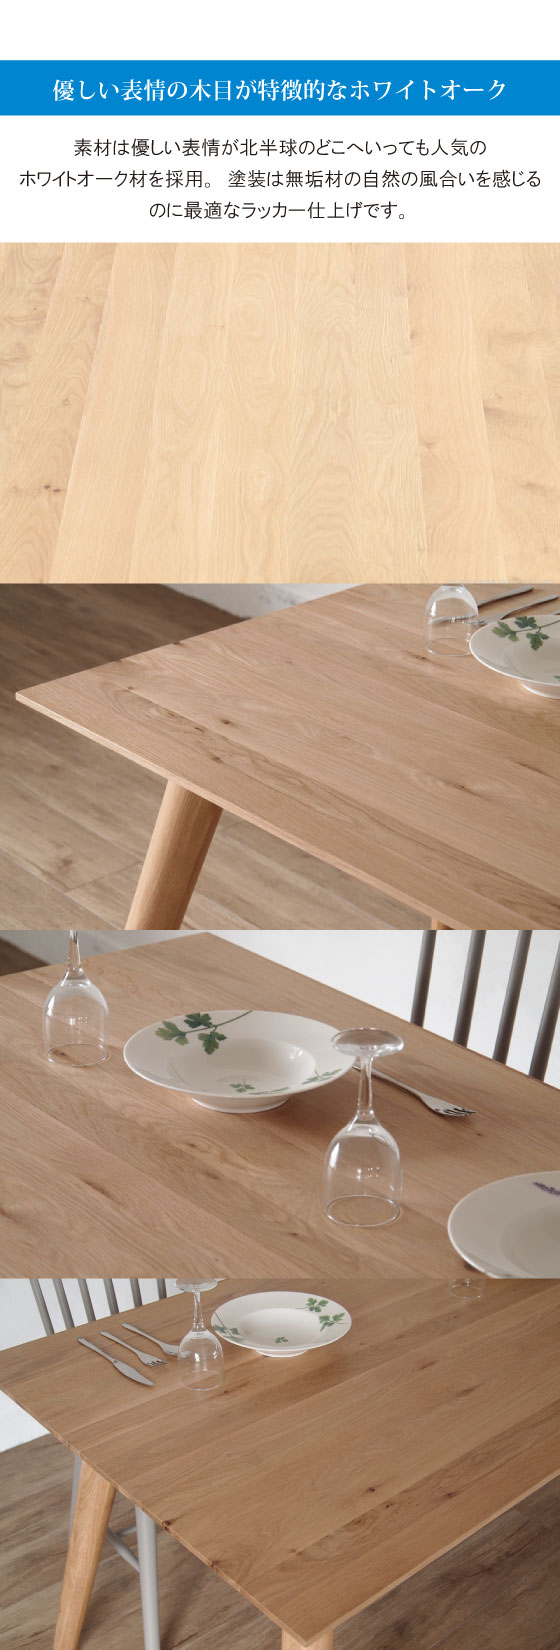 幅160cm・天然木ホワイトオーク製・デザイナーズ食卓テーブル